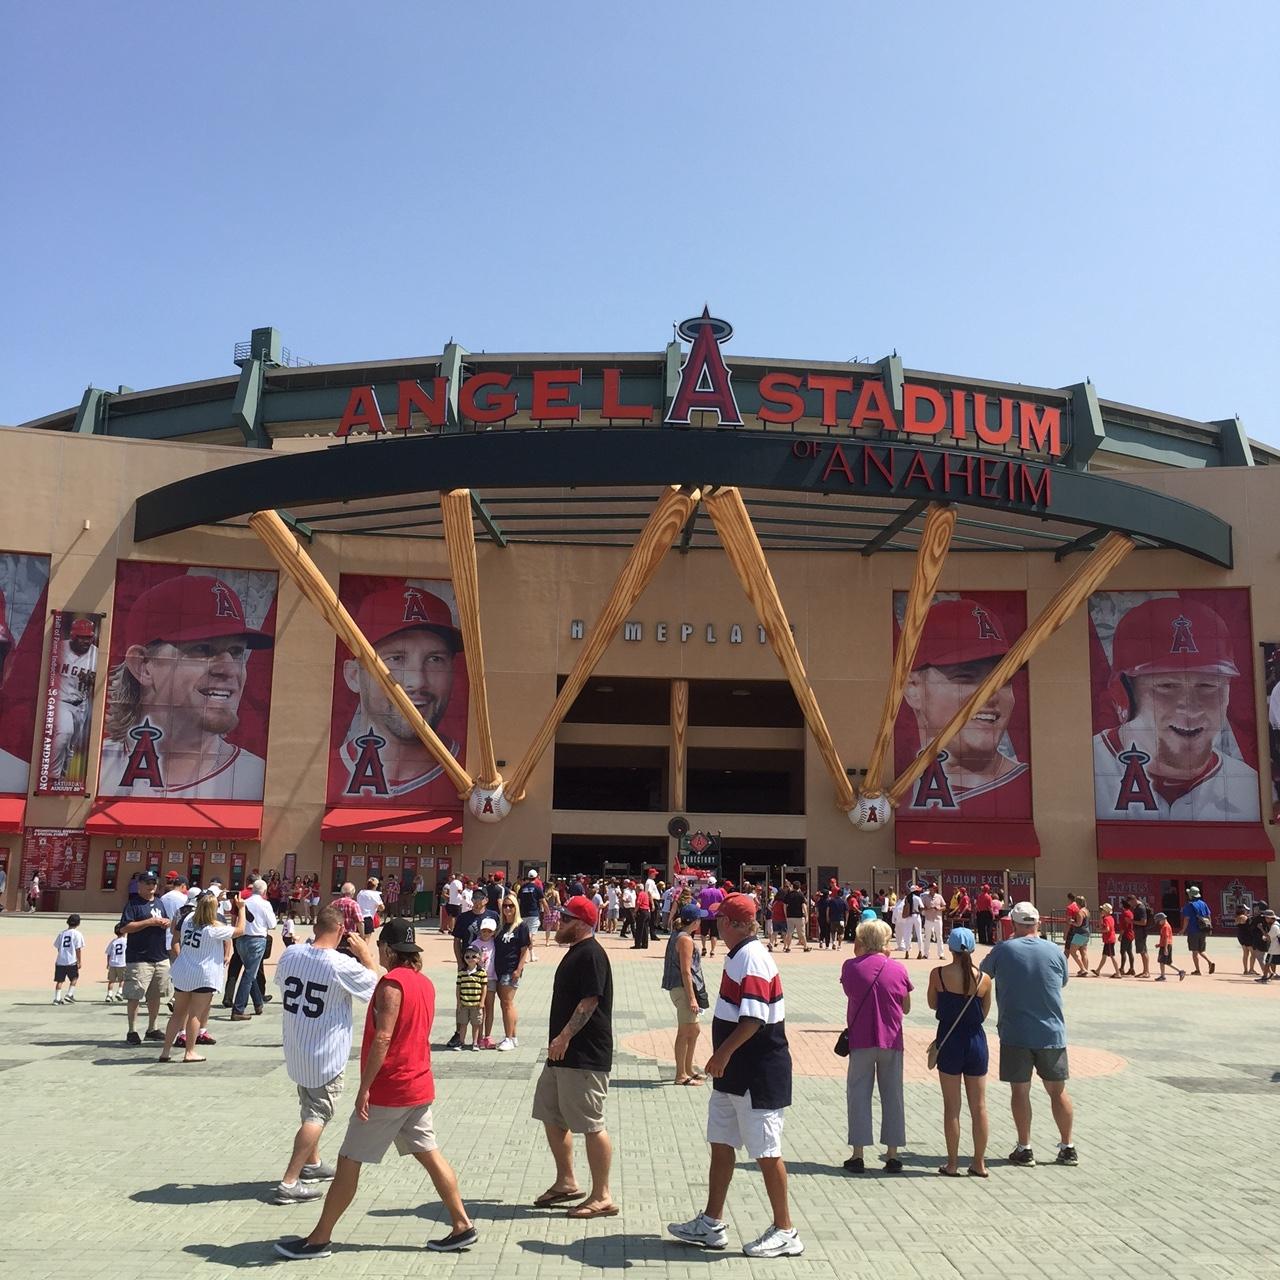 Angels Stadium